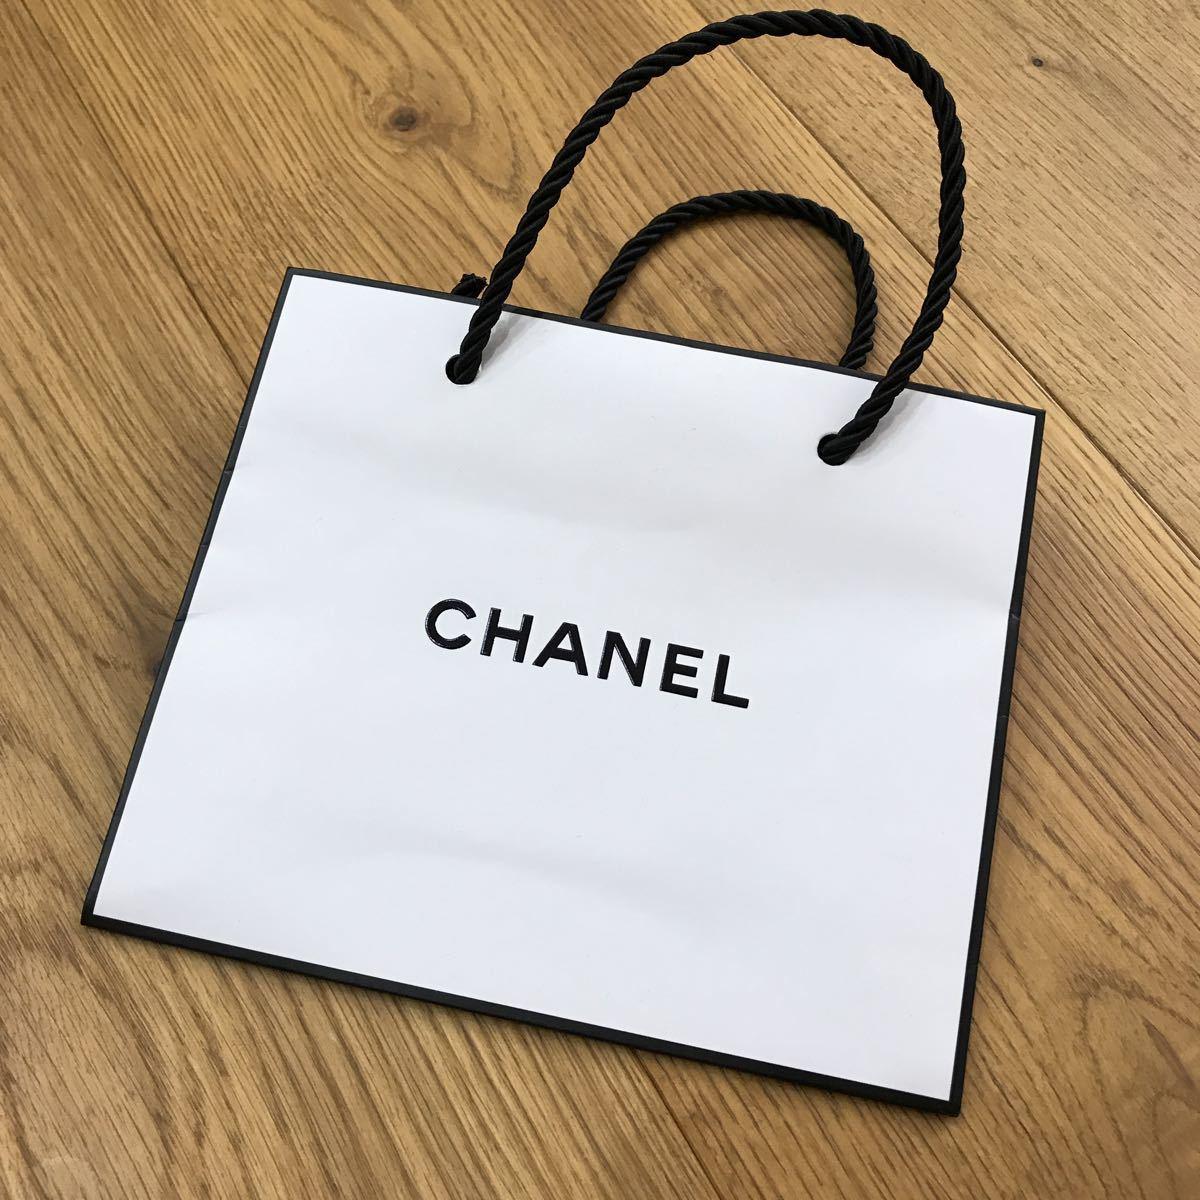 32a254df2c50 代購代標第一品牌- 樂淘letao - バレンタインやホワイトデーギフトにシャネルコスメショッパー紙袋ショップ袋CHANNEL